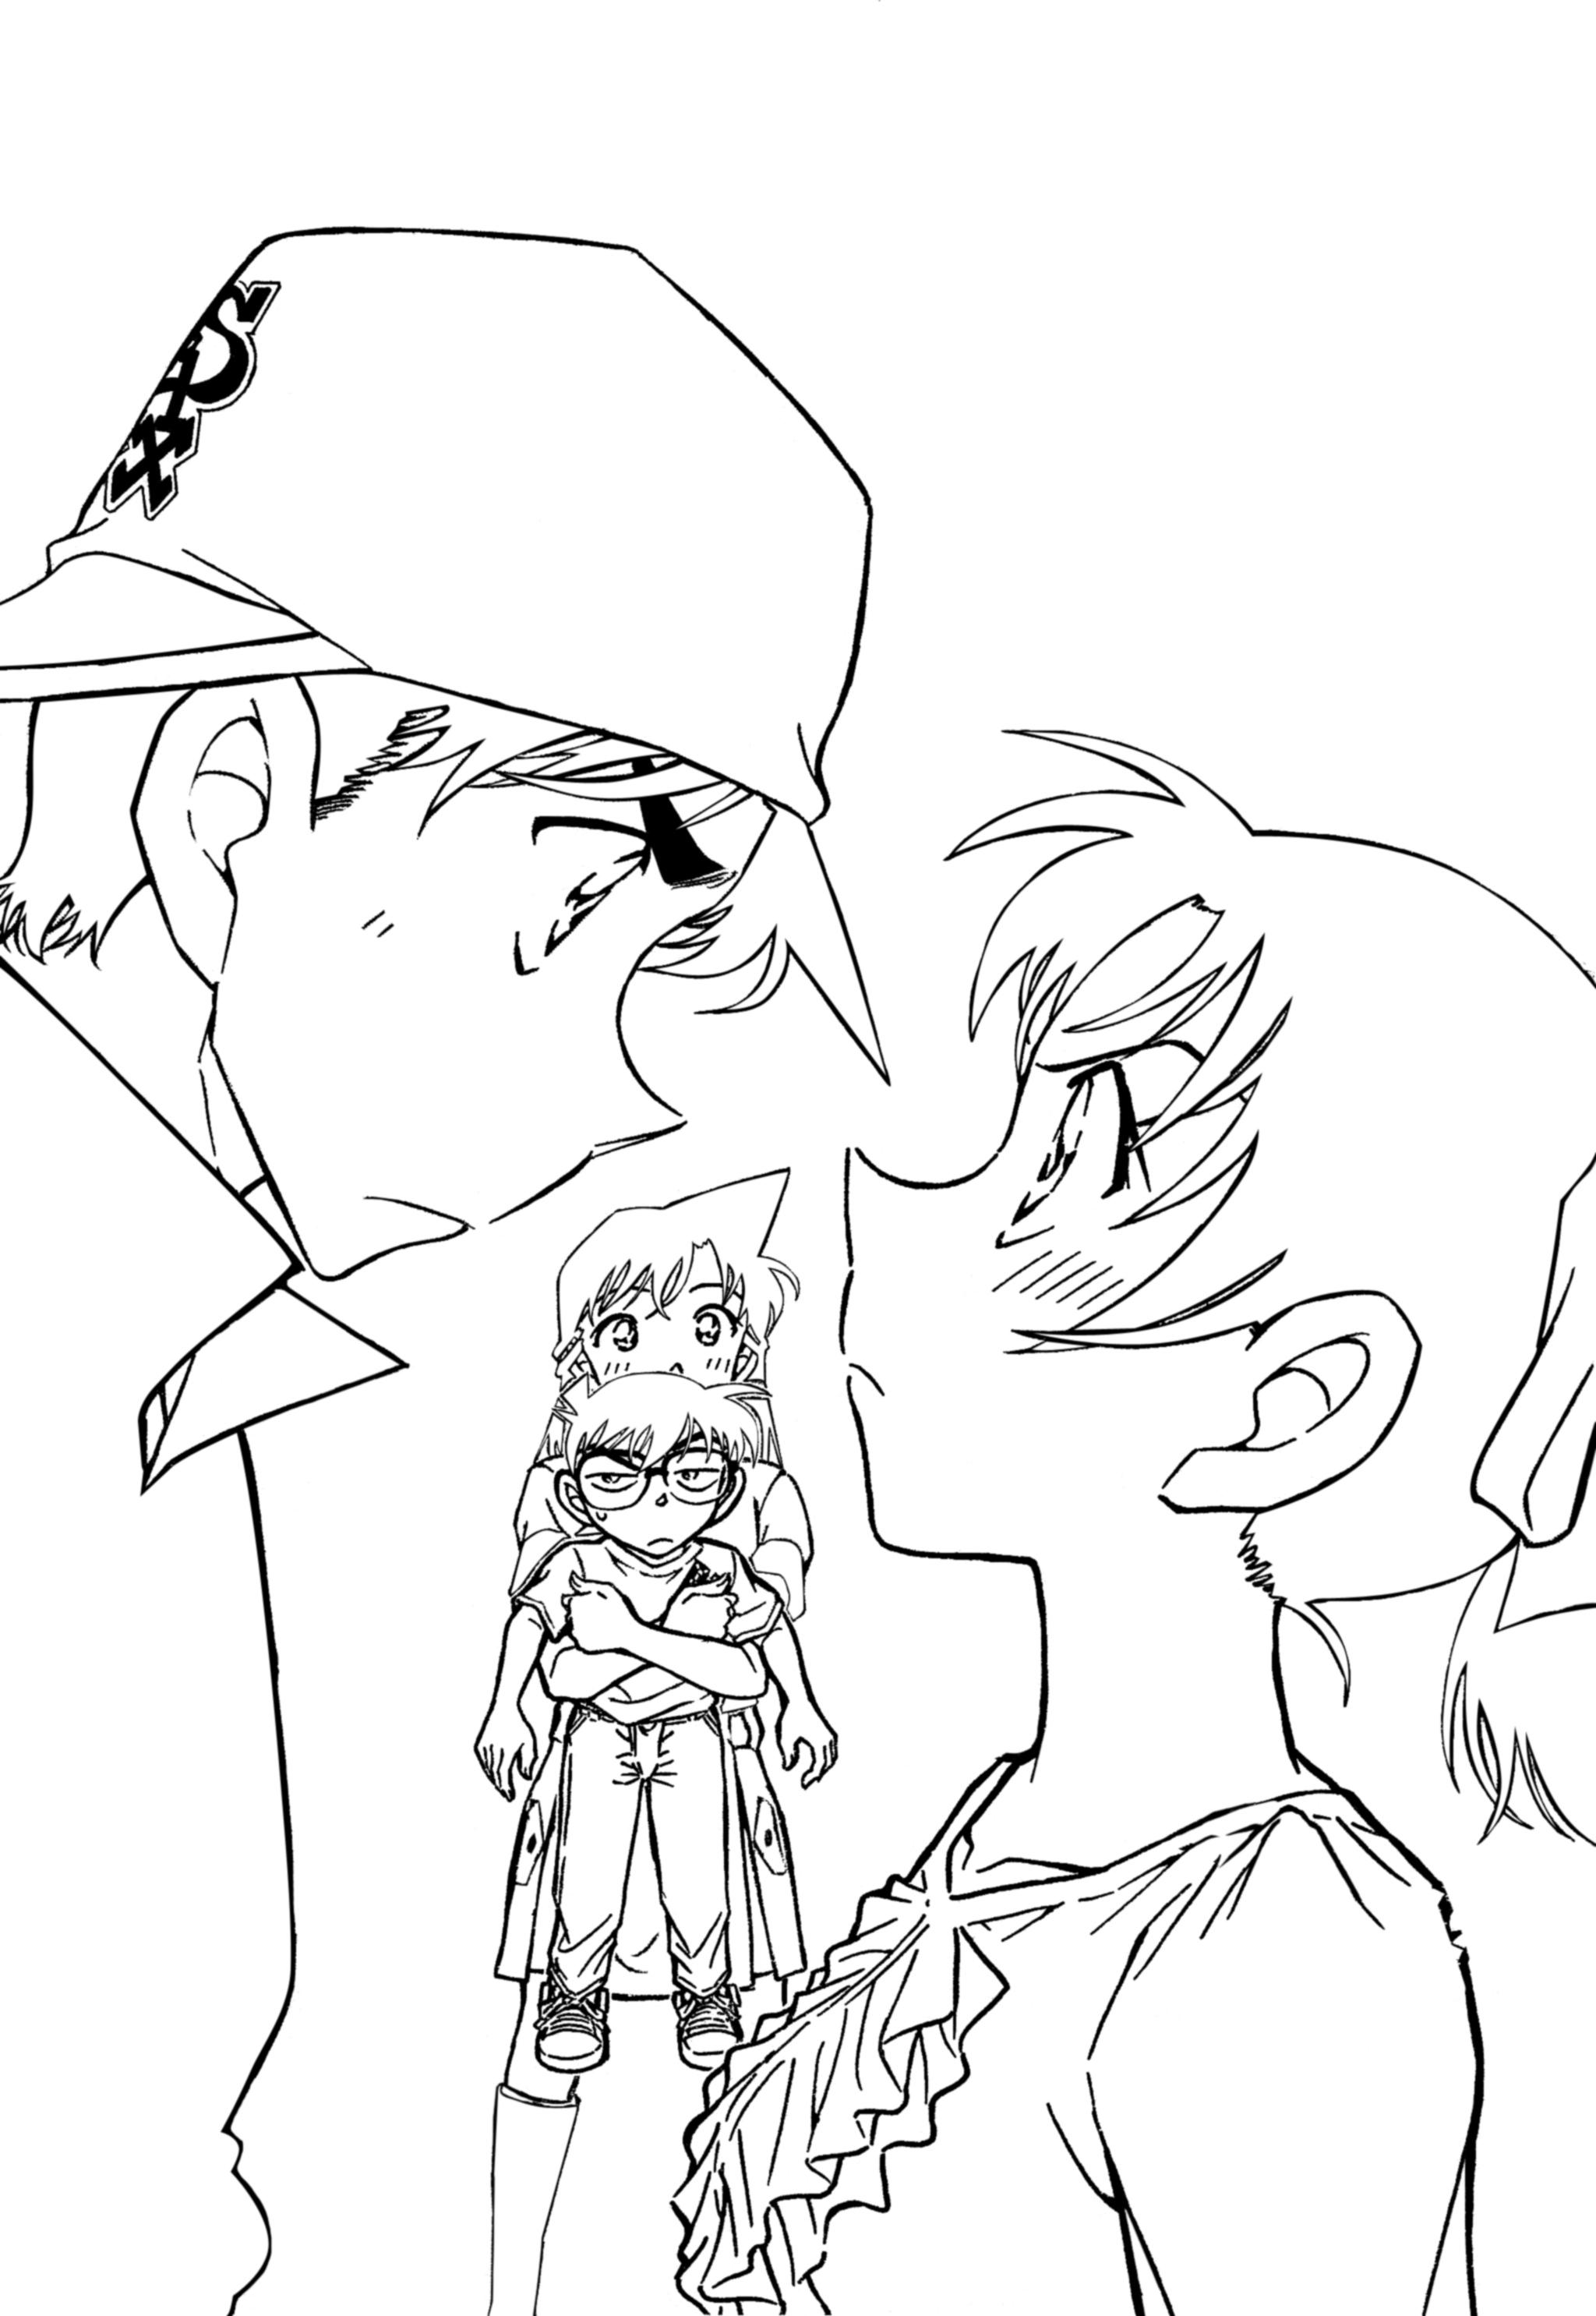 Conan coloring #3, Download drawings